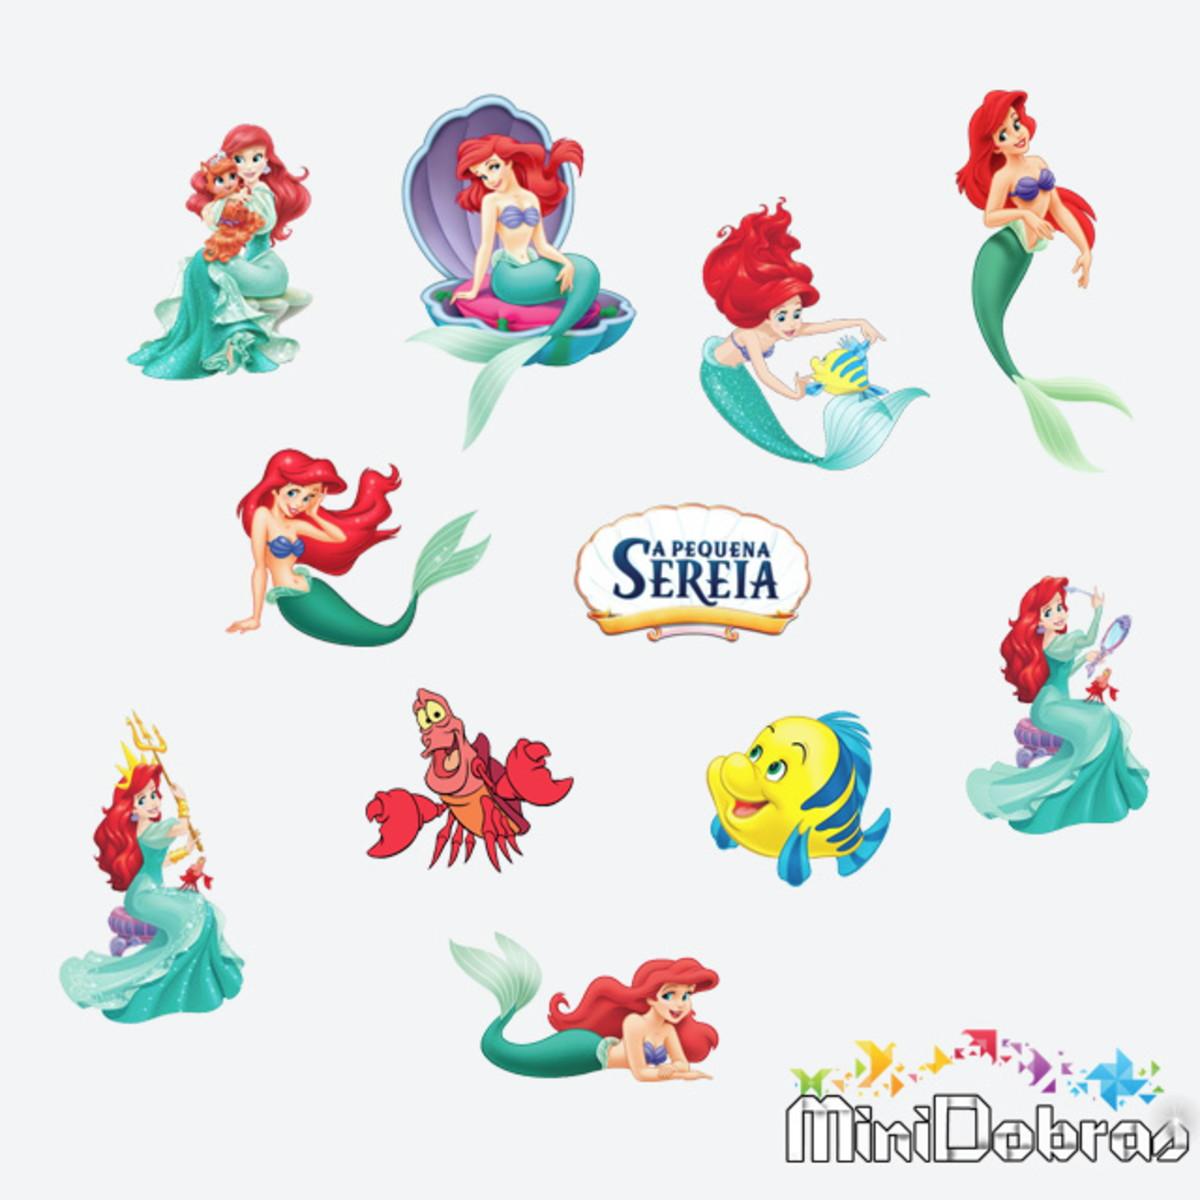 Aplique 3 Cm Pequena Sereia Ariel No Elo7 Minidobras